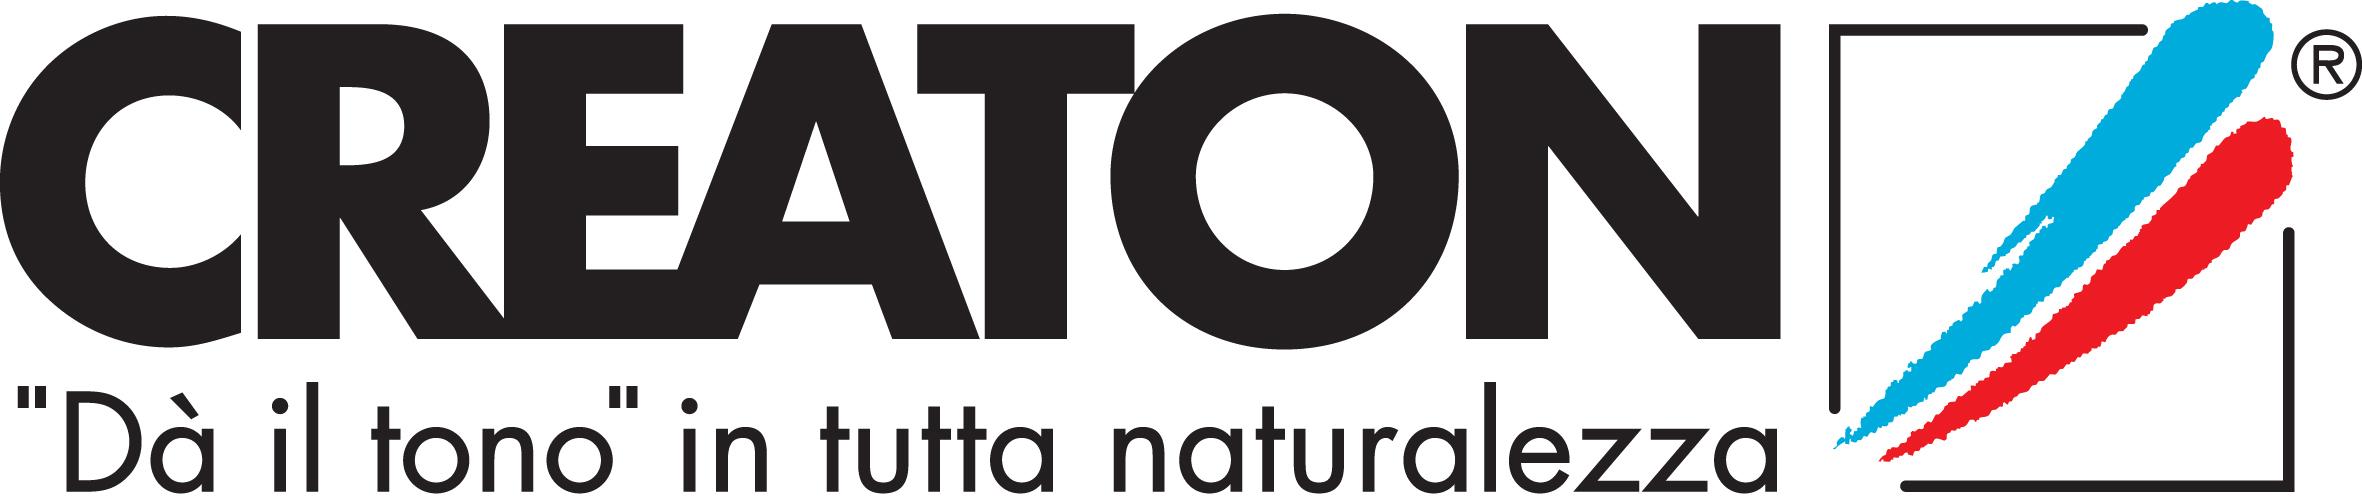 logo creaton italia